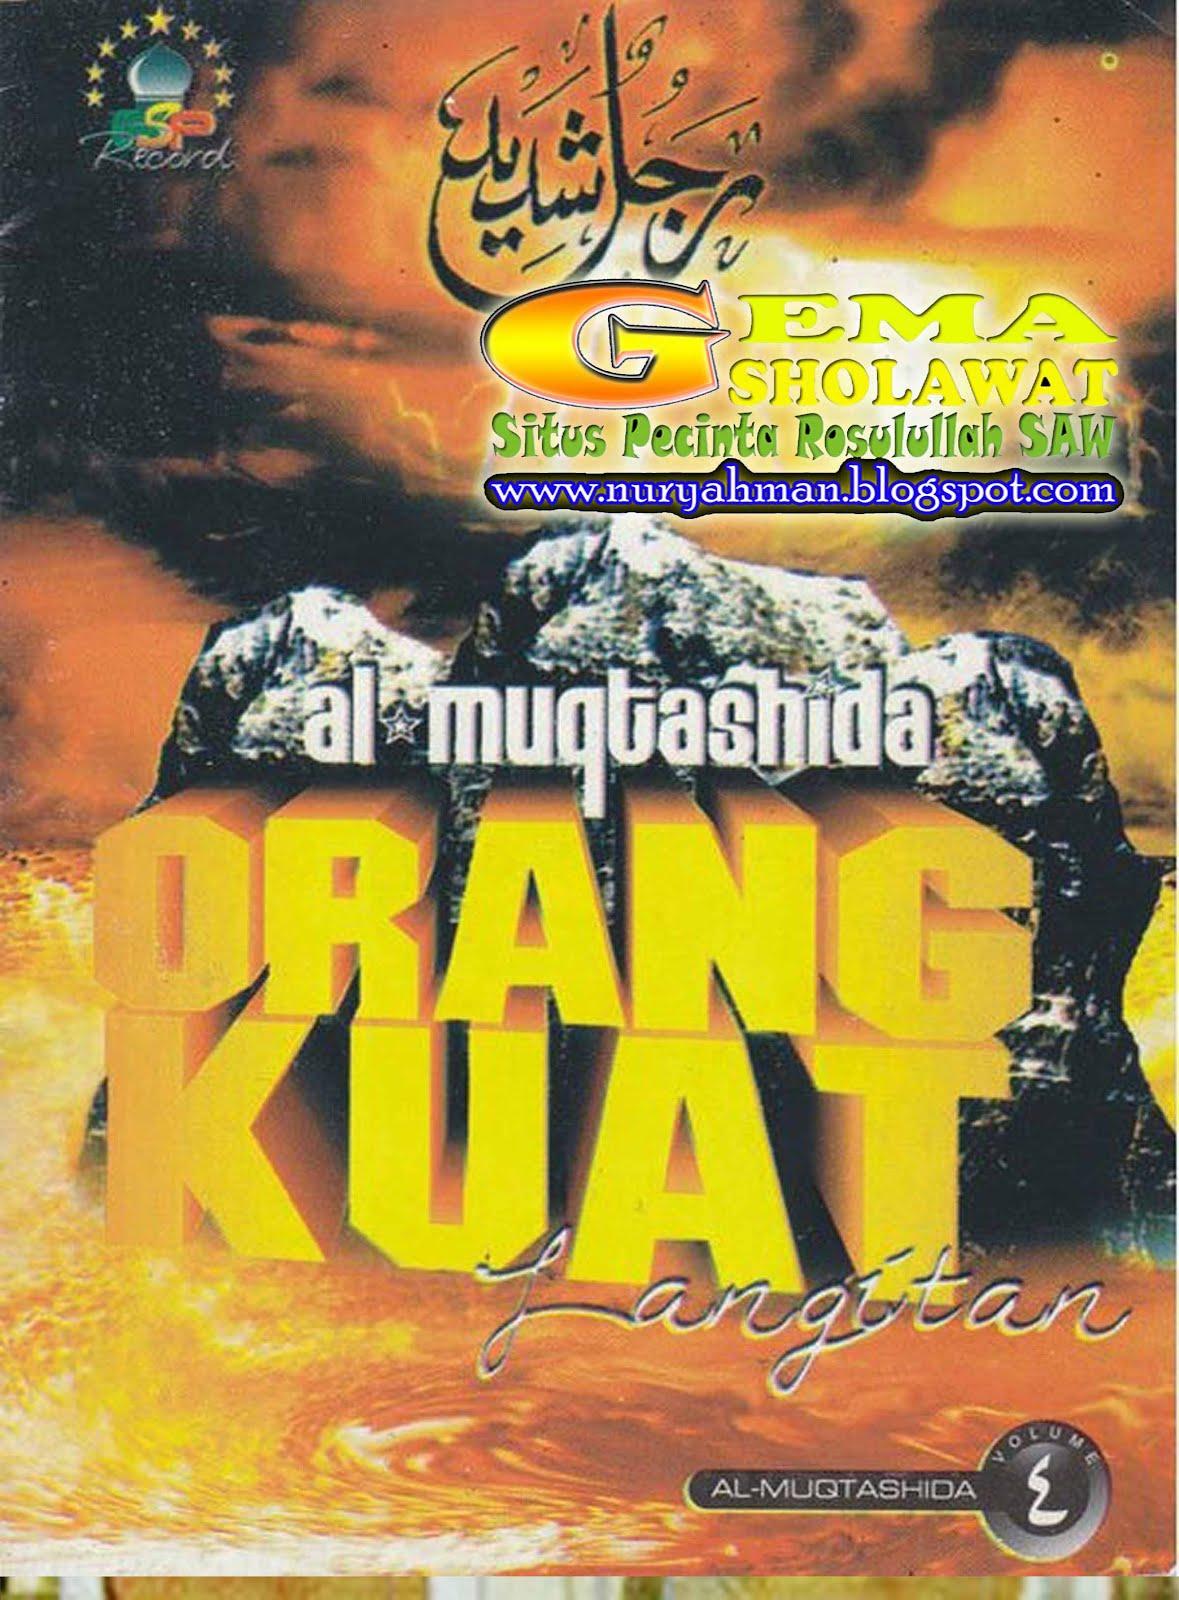 Album Orang Kuat - Al Muqtashidah v.4